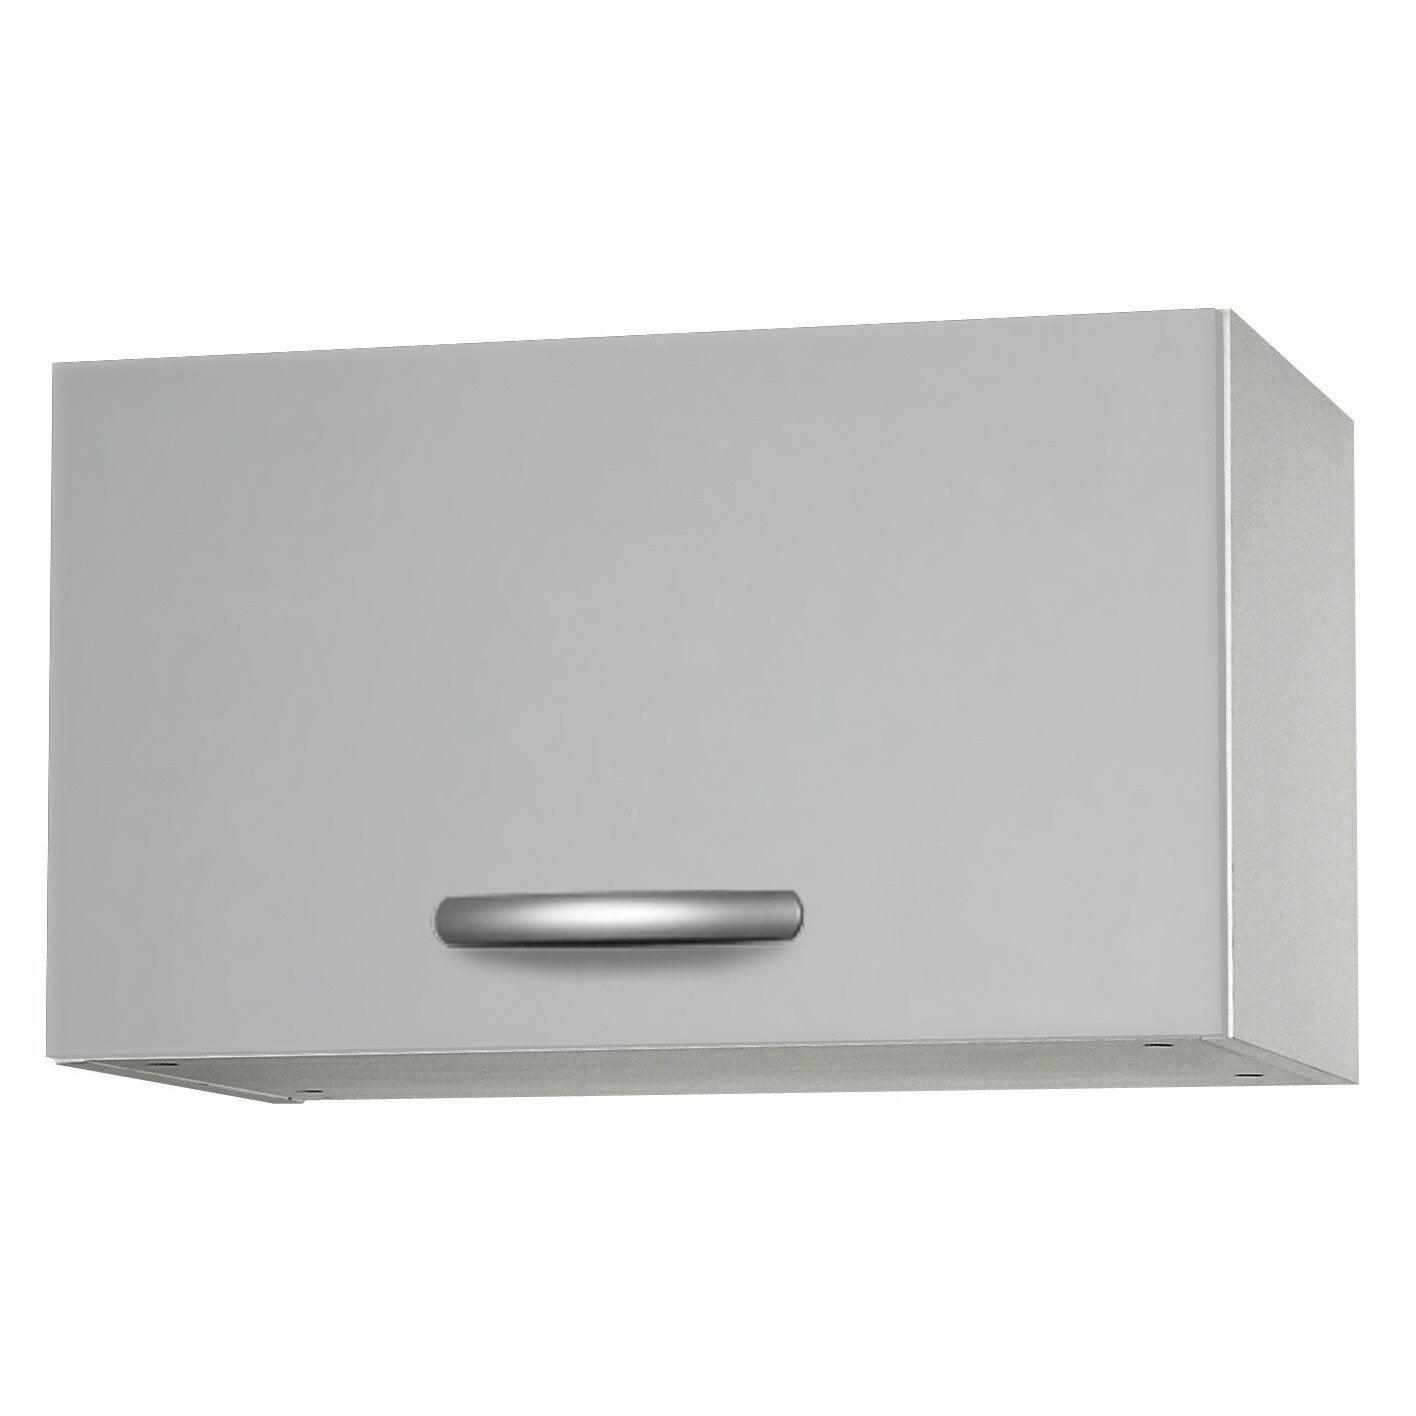 Meuble de cuisine haut 1 porte gris aluminium for Facade cuisine aluminium